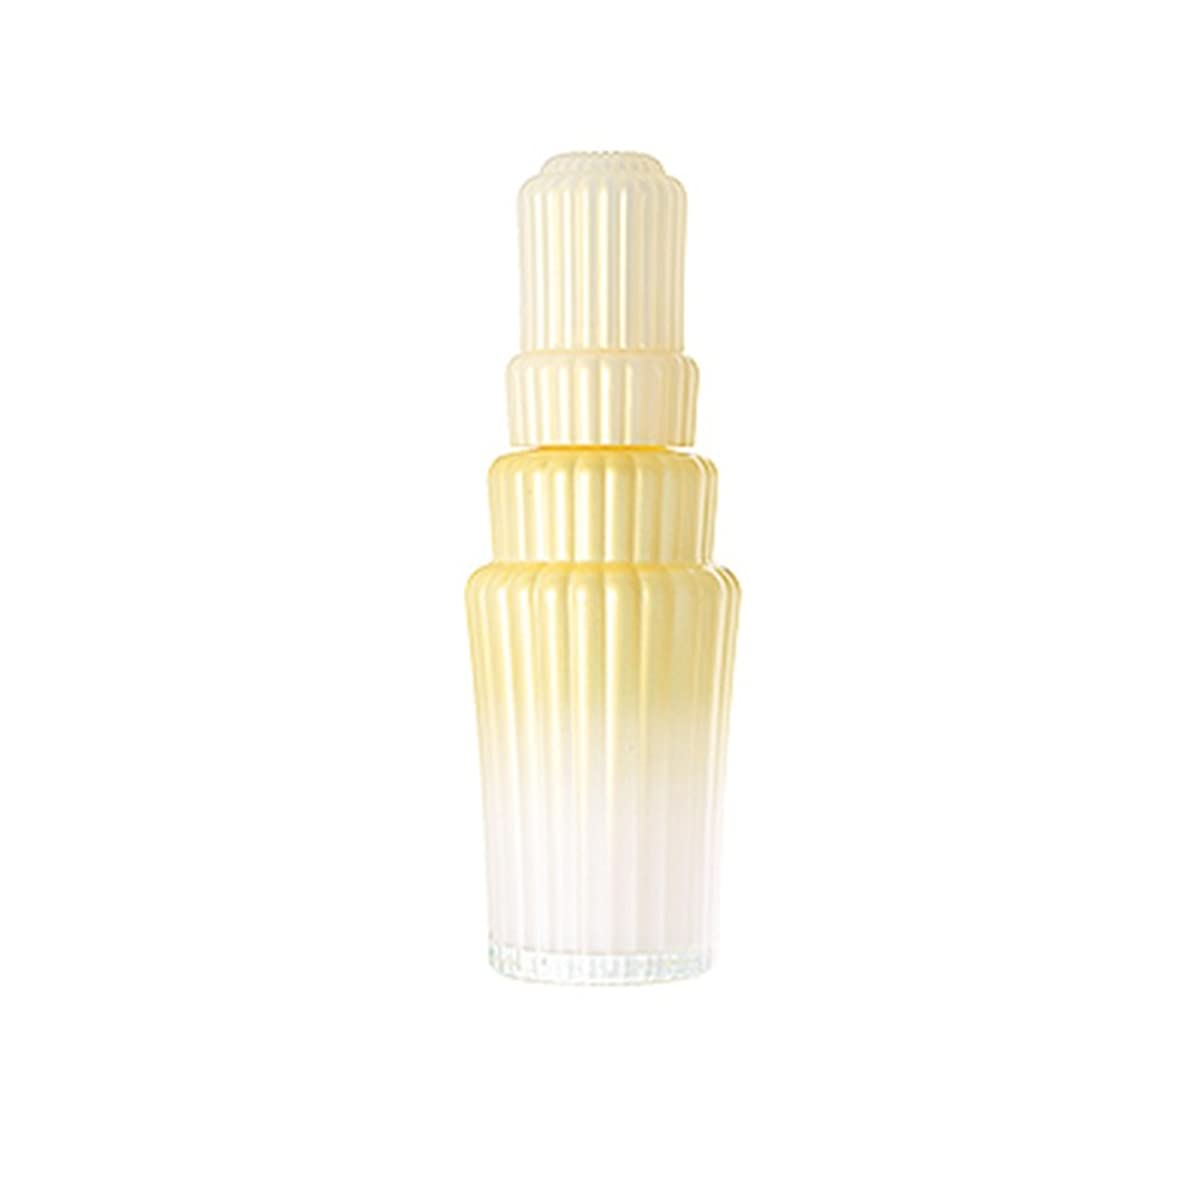 アンテナタブレット七面鳥アユーラ (AYURA) モイスチャライジングプライマー コンビネーションドライ W (医薬部外品) 100mL 〈美白化粧液〉 混合乾燥ケア うるおい アロマティックハーブの香り